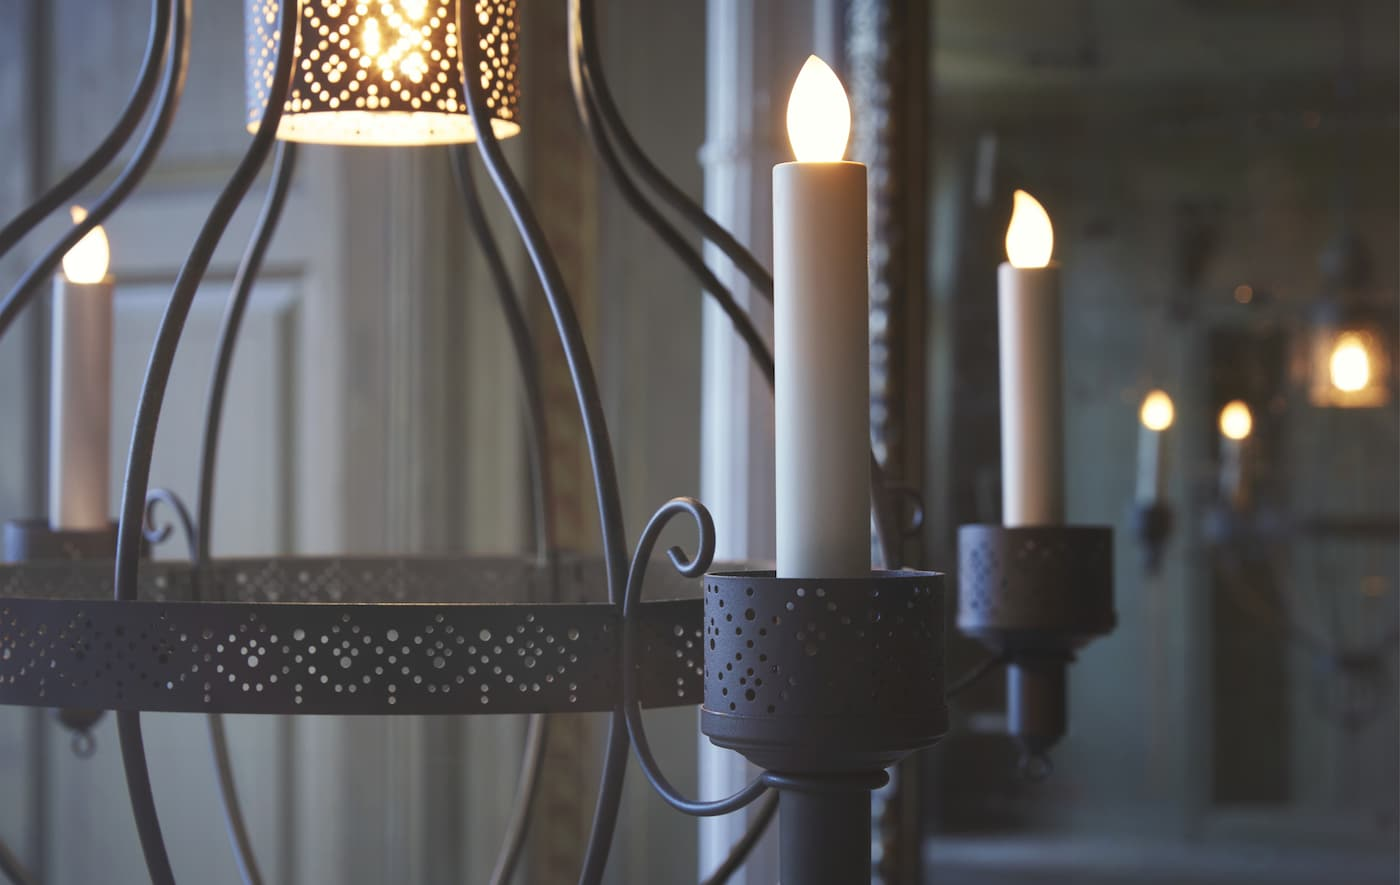 Bliski prikaz kandelabara s LED svijećama